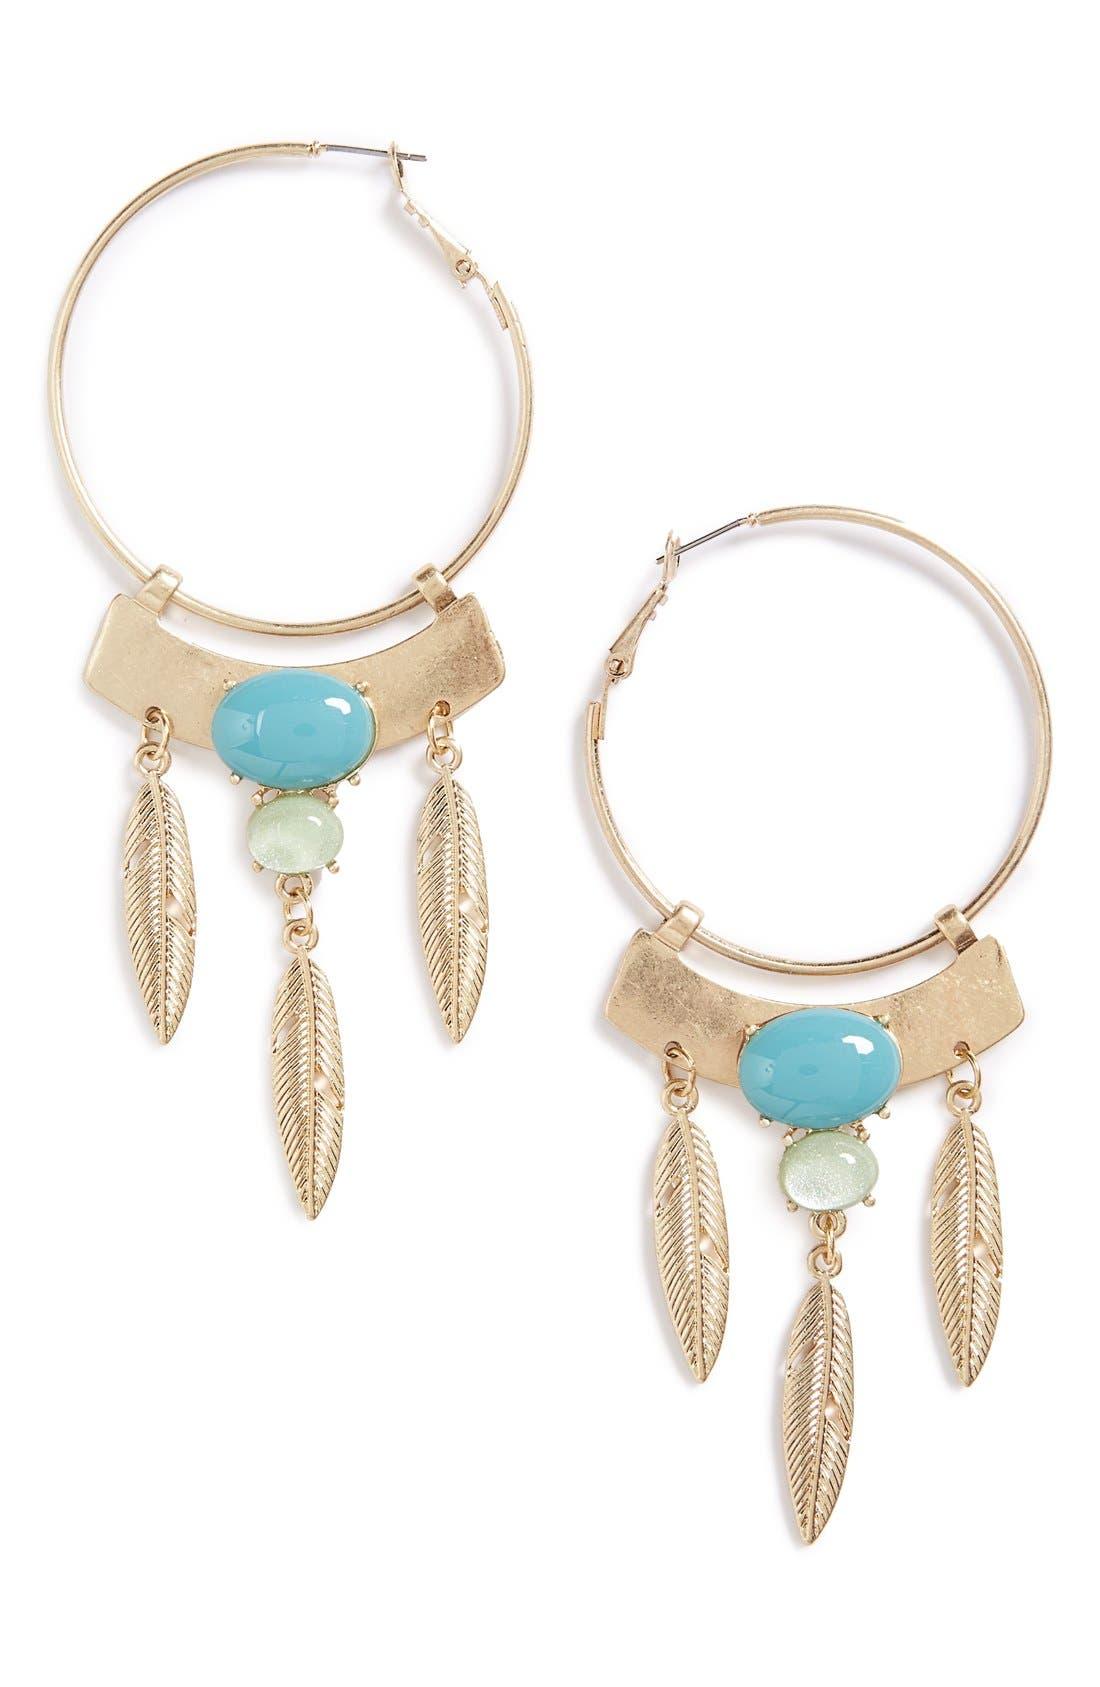 Alternate Image 1 Selected - Danielle Nicole 'Palm Springs' Hoop Earrings